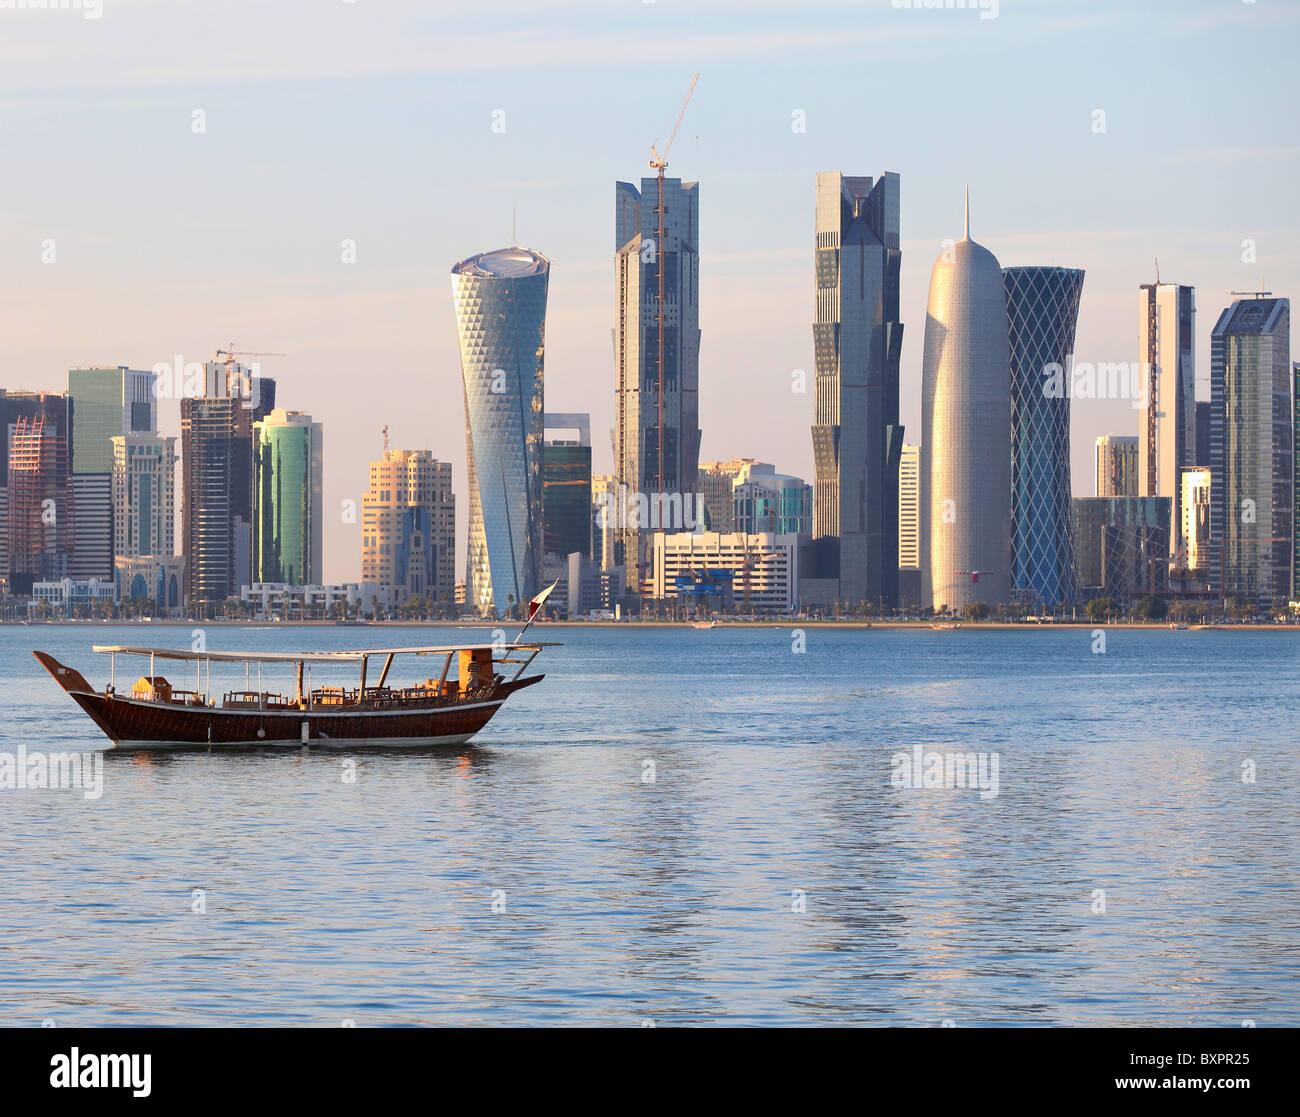 Un dhow regresa a puerto en Doha, Qatar, al atardecer, con modernos rascacielos de la ciudad en el fondo. Imagen De Stock